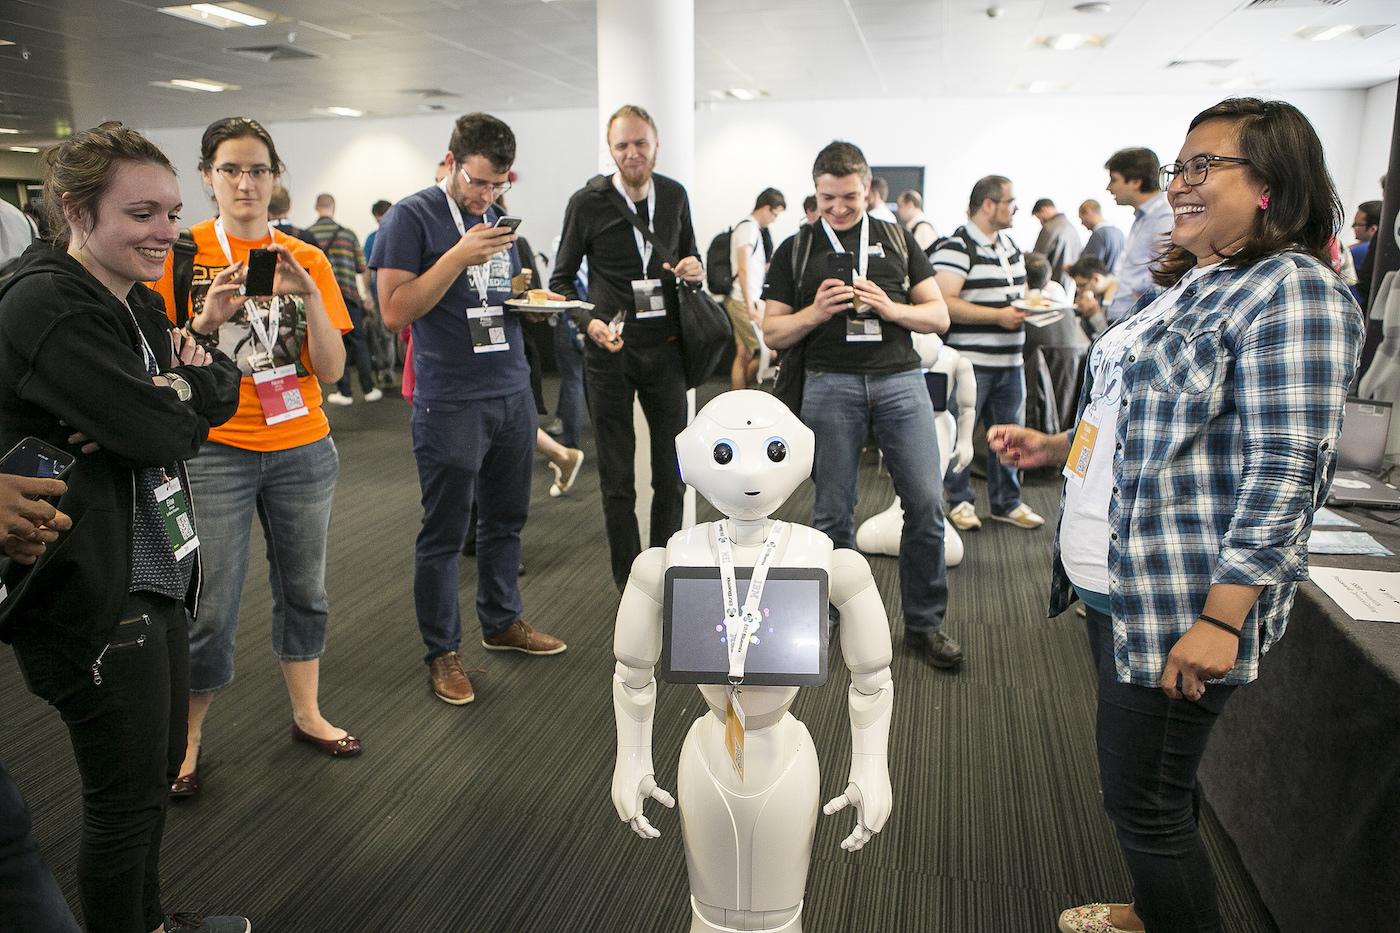 pepper the robot at devoxx